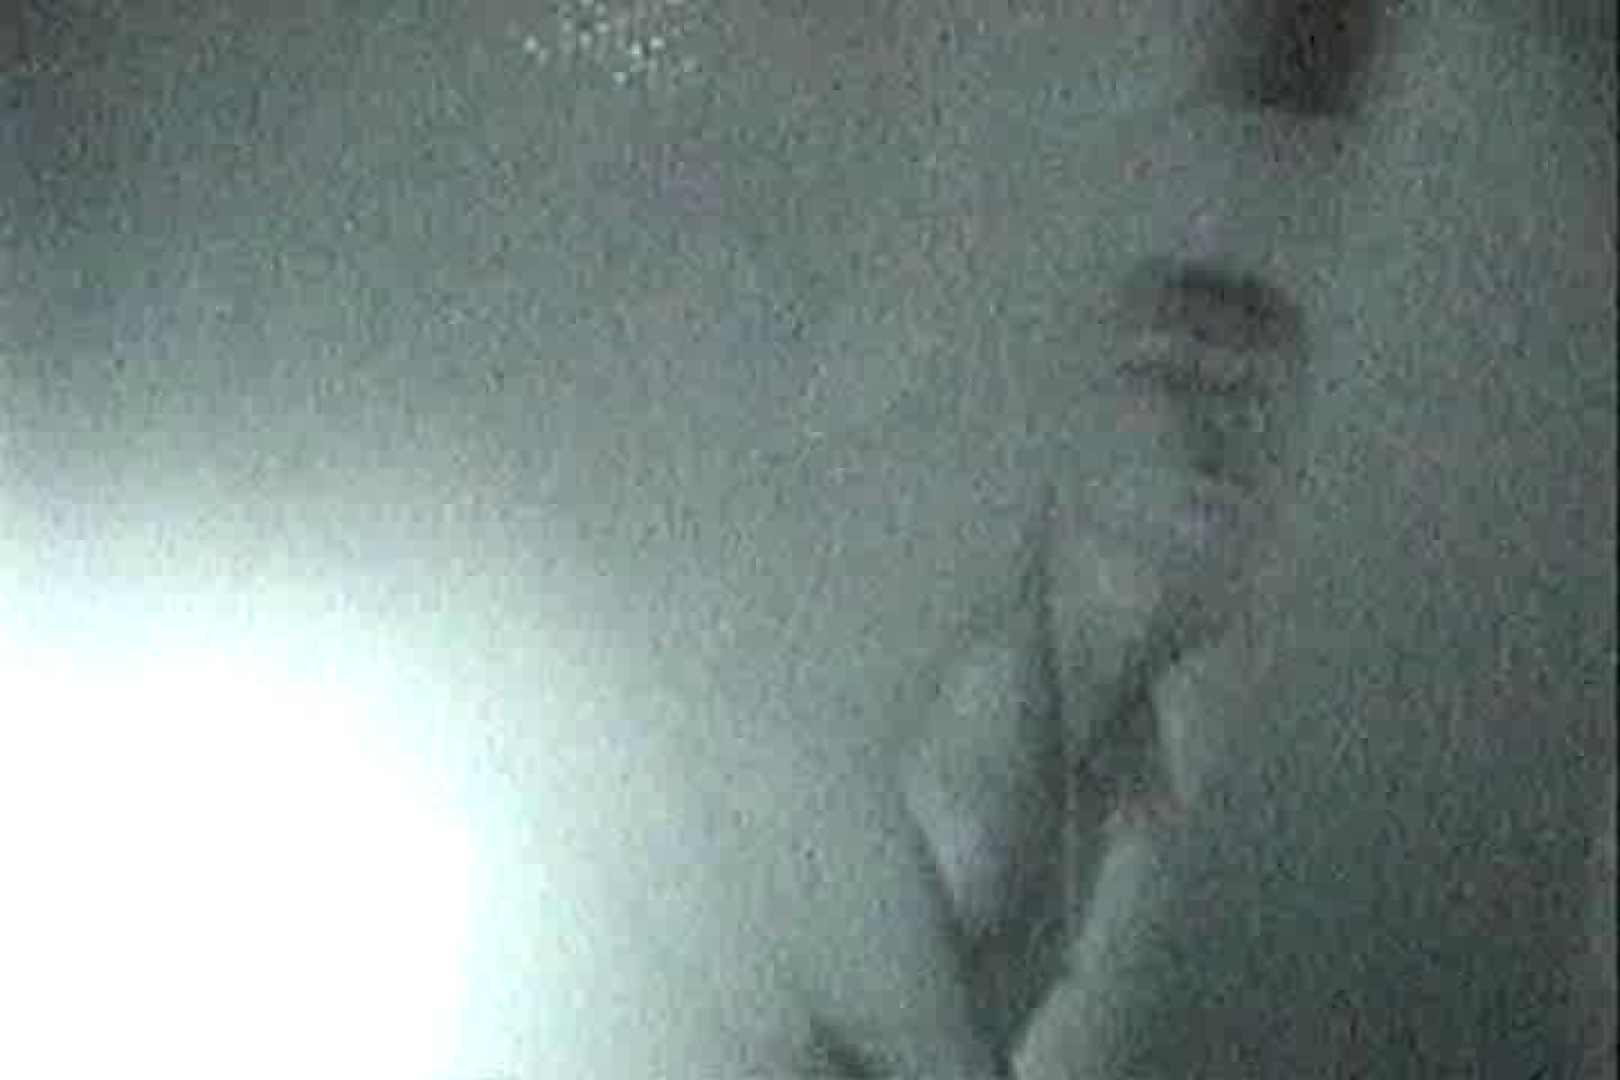 充血監督の深夜の運動会Vol.18 OLヌード天国  55PIX 30